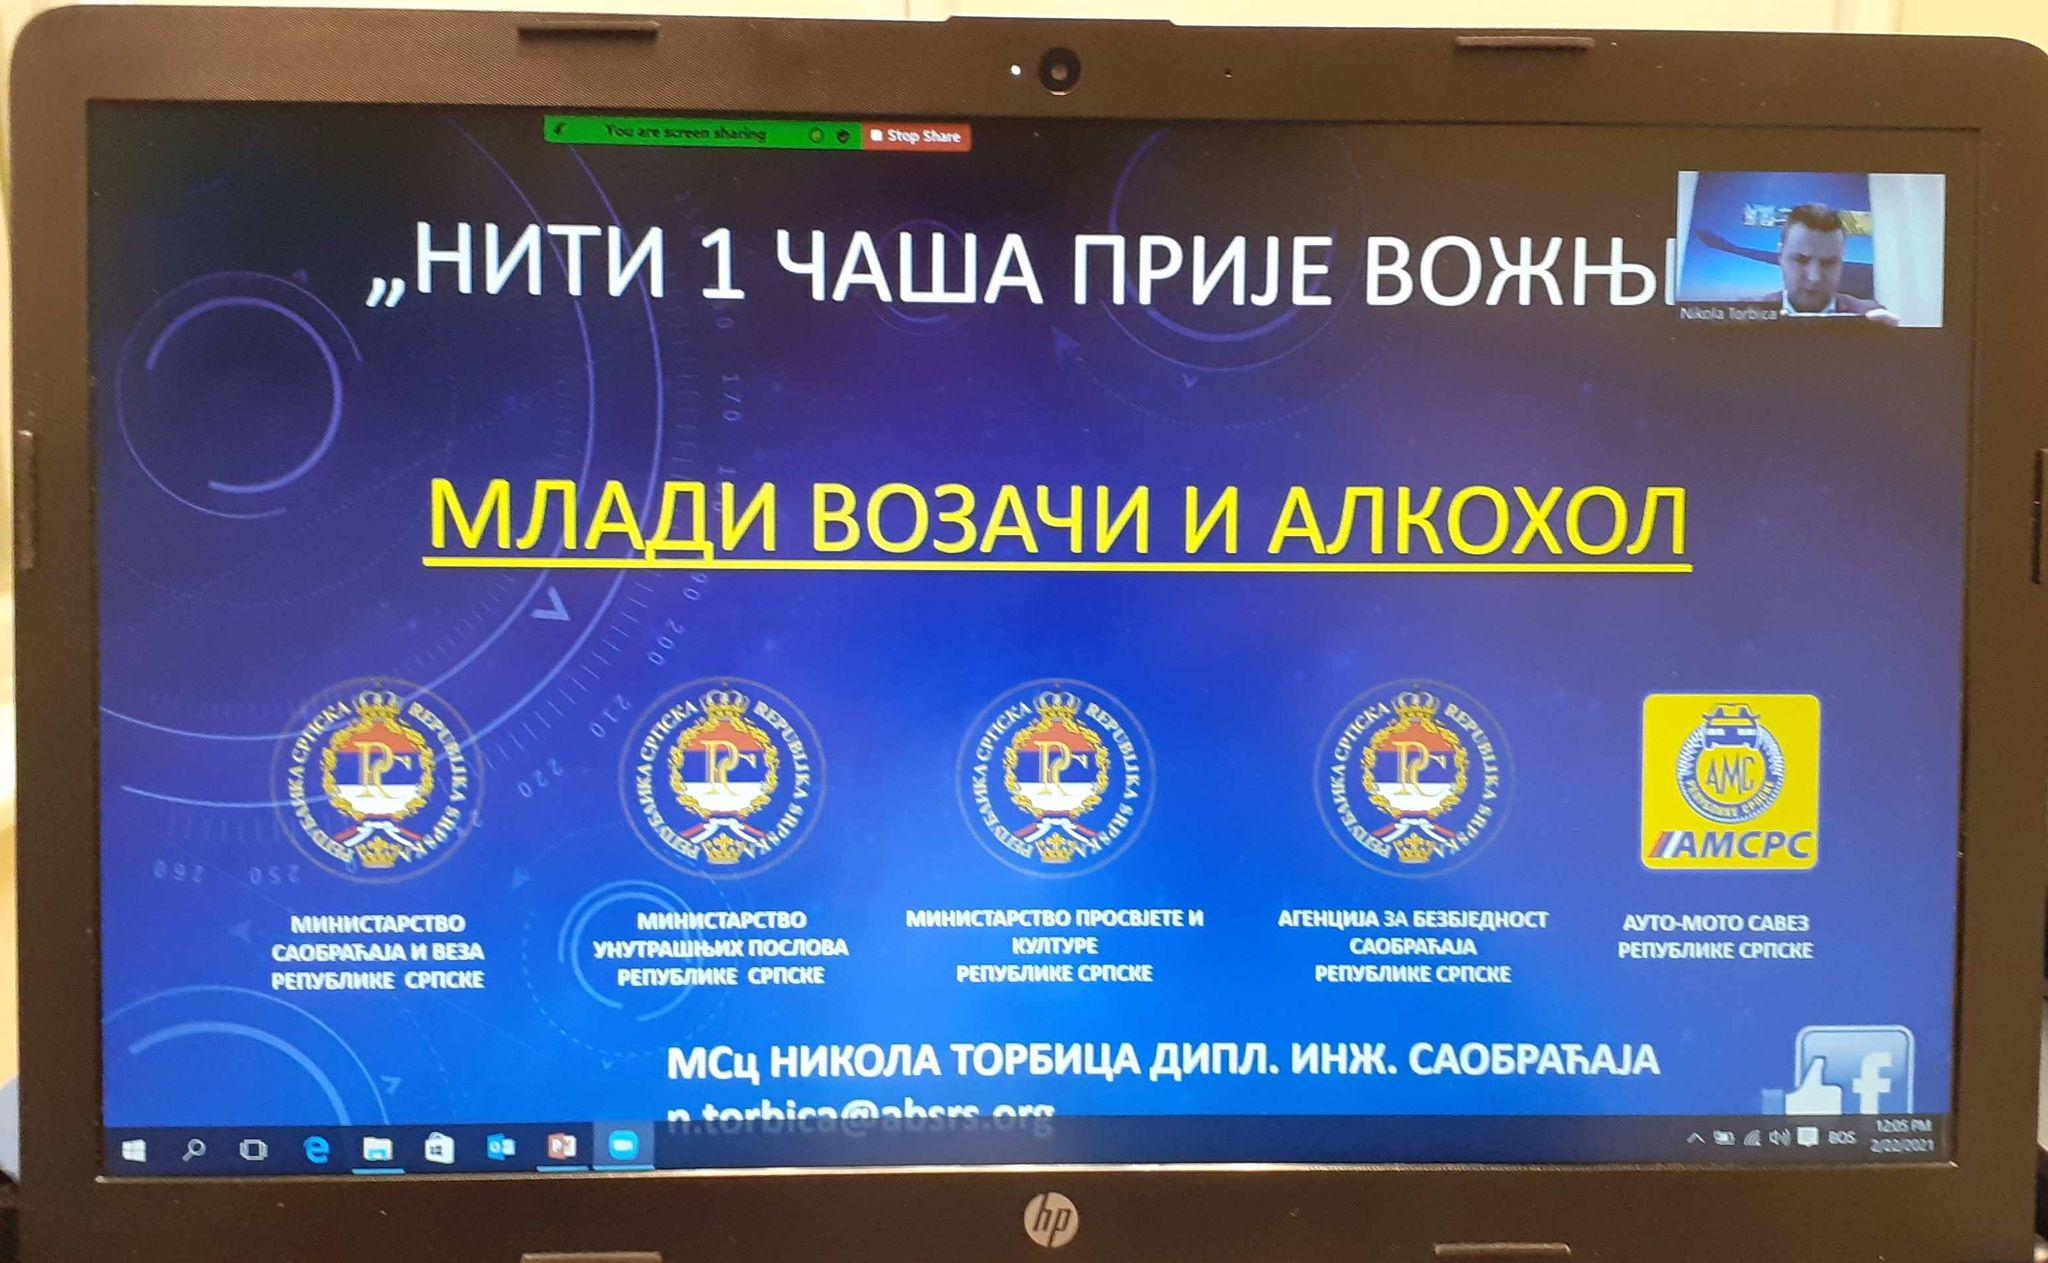 Одржано онлајн предавање за средњошколце Прњавора